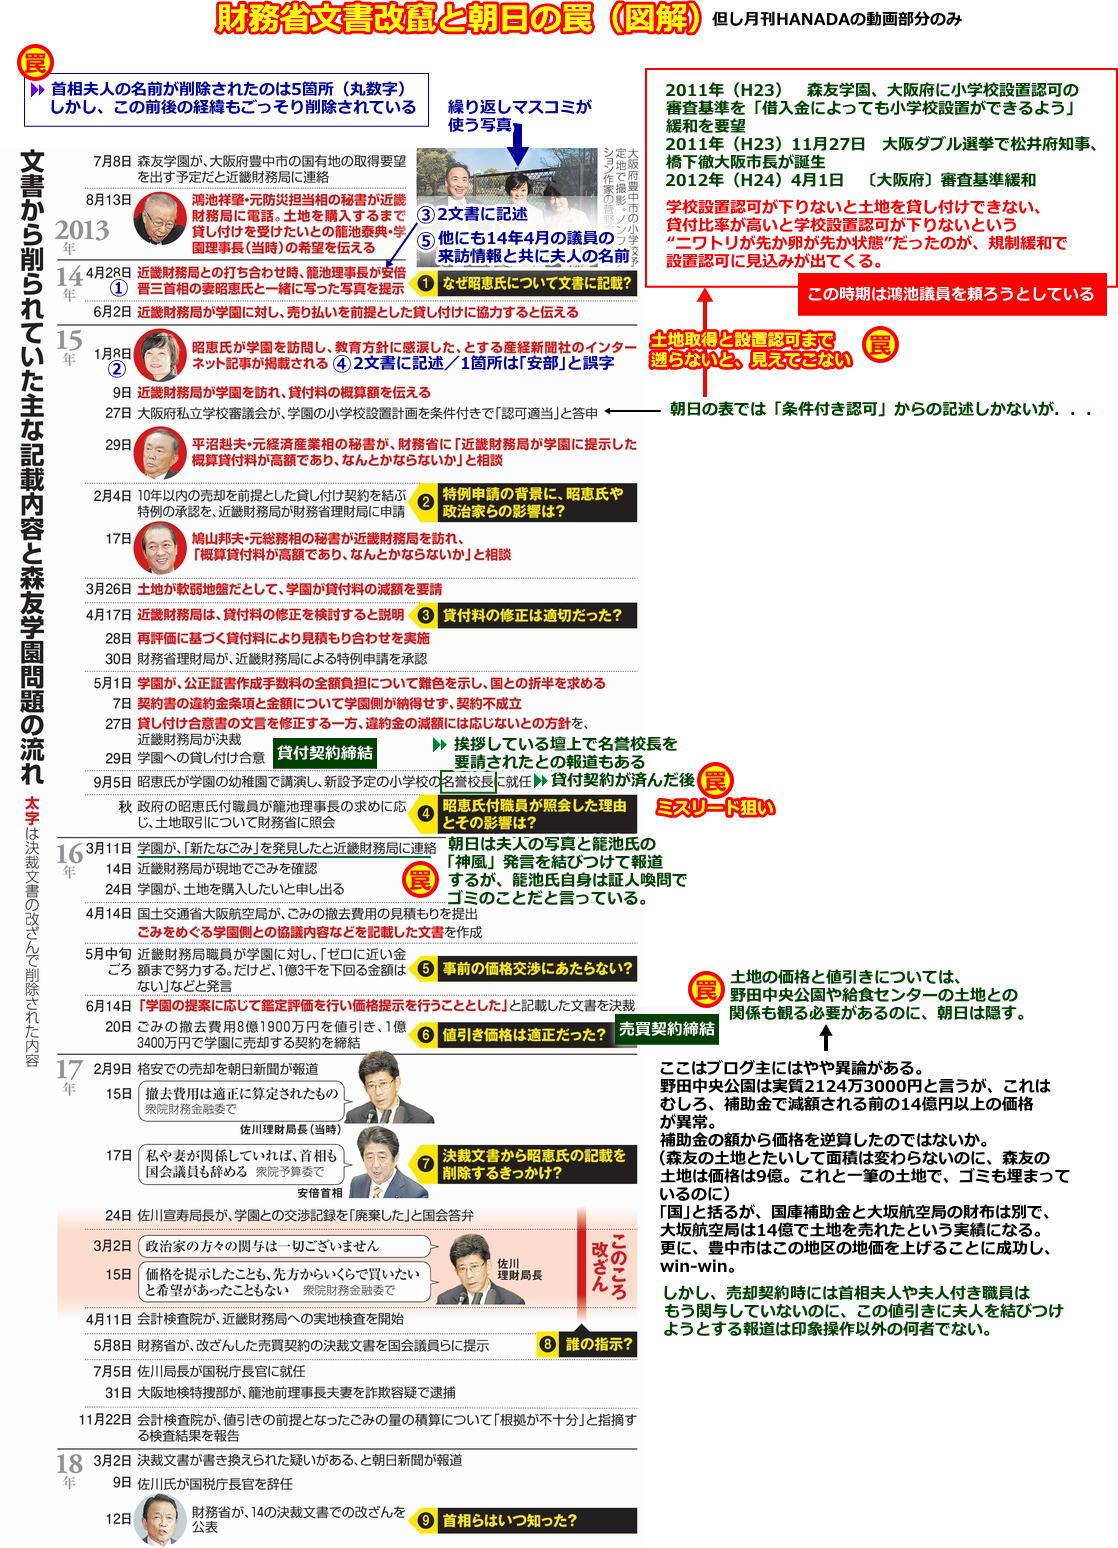 20180330_hanada02_asahi_no_wana